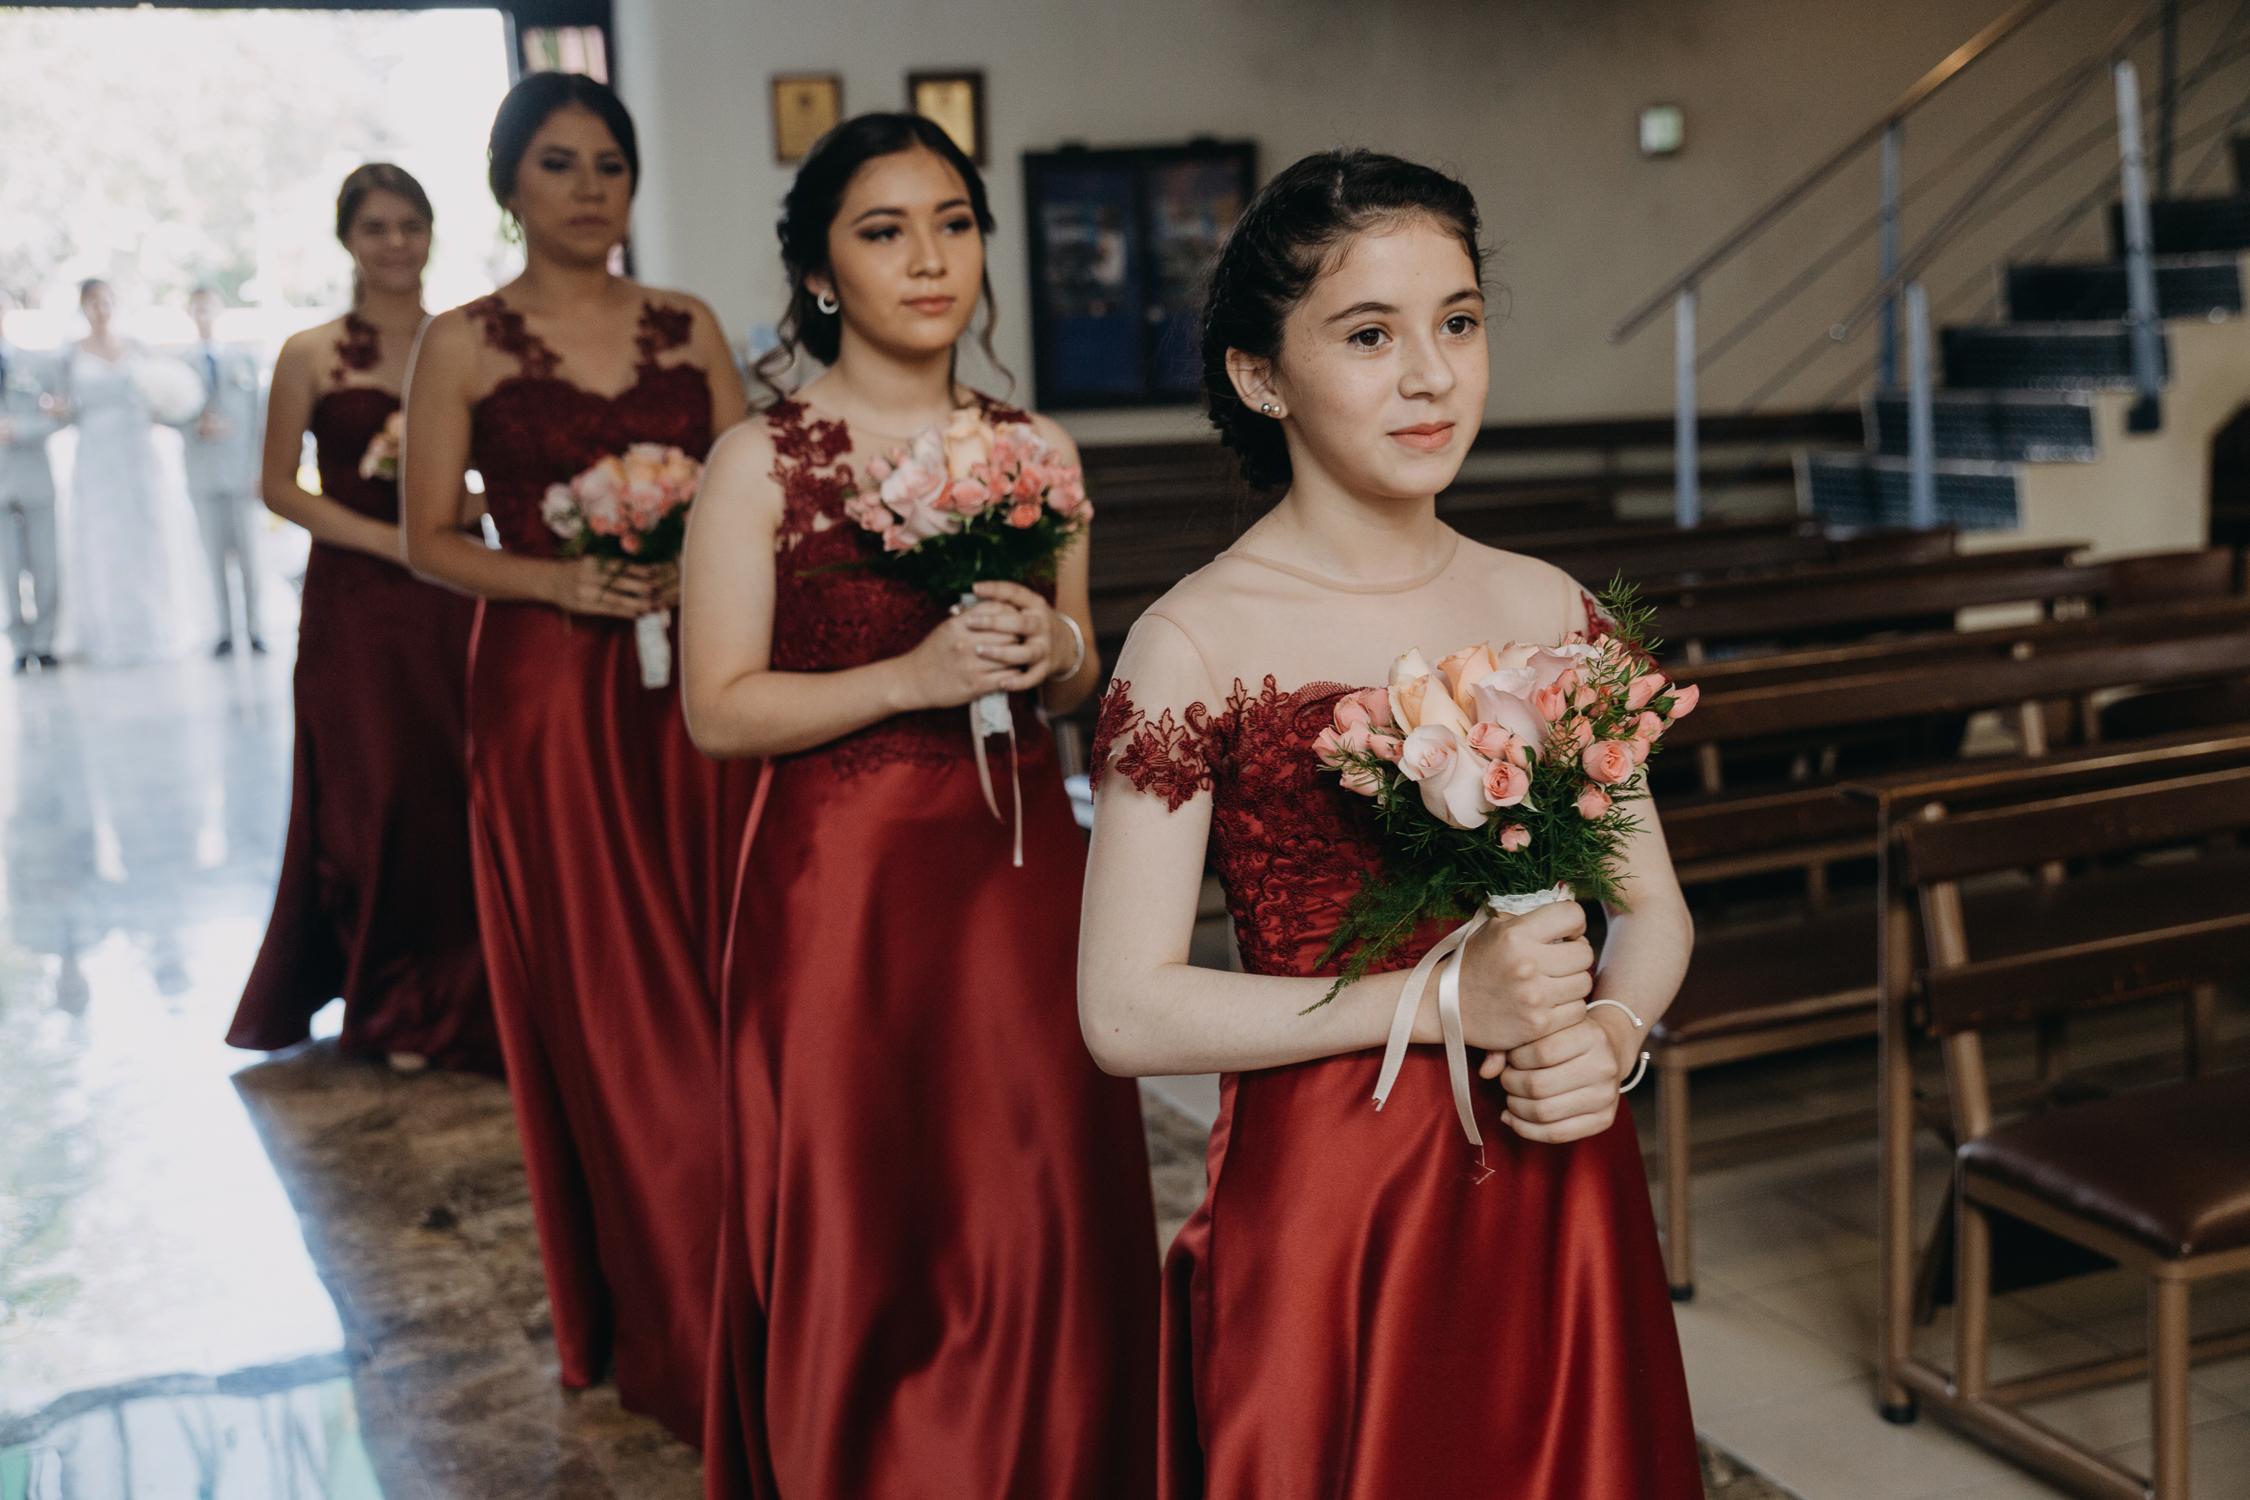 Michelle-Agurto-Fotografia-Bodas-Ecuador-Destination-Wedding-Photographer-Cristi-Luis-31.JPG